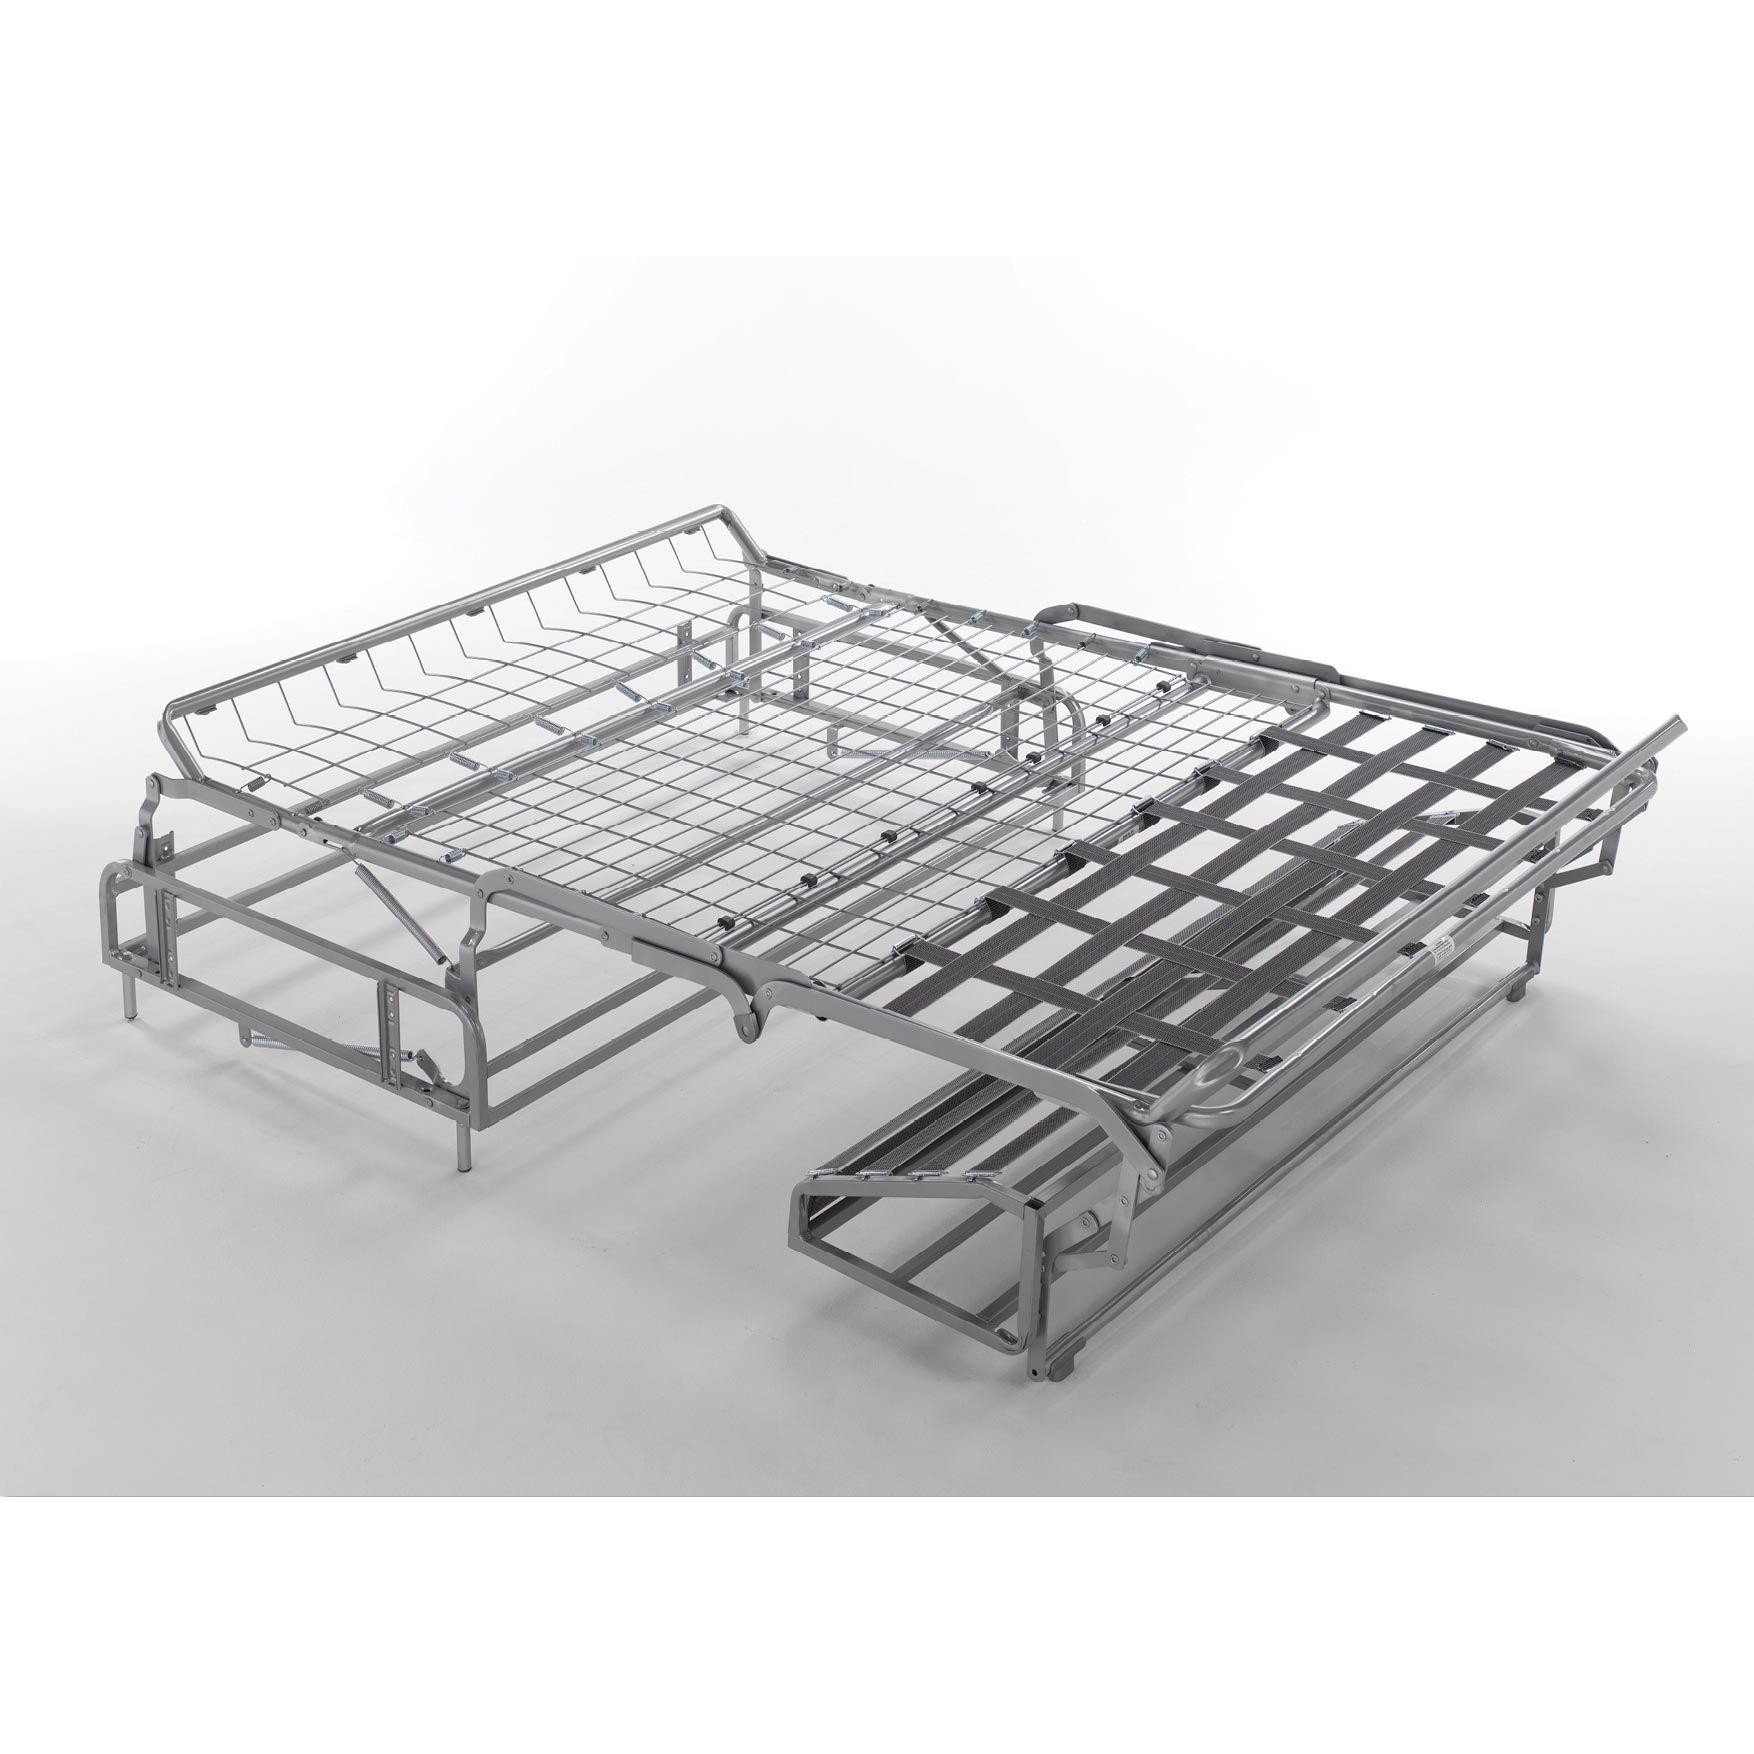 Reti materassi e trasformabili reti per divano letto for Divano letto rete elettrosaldata